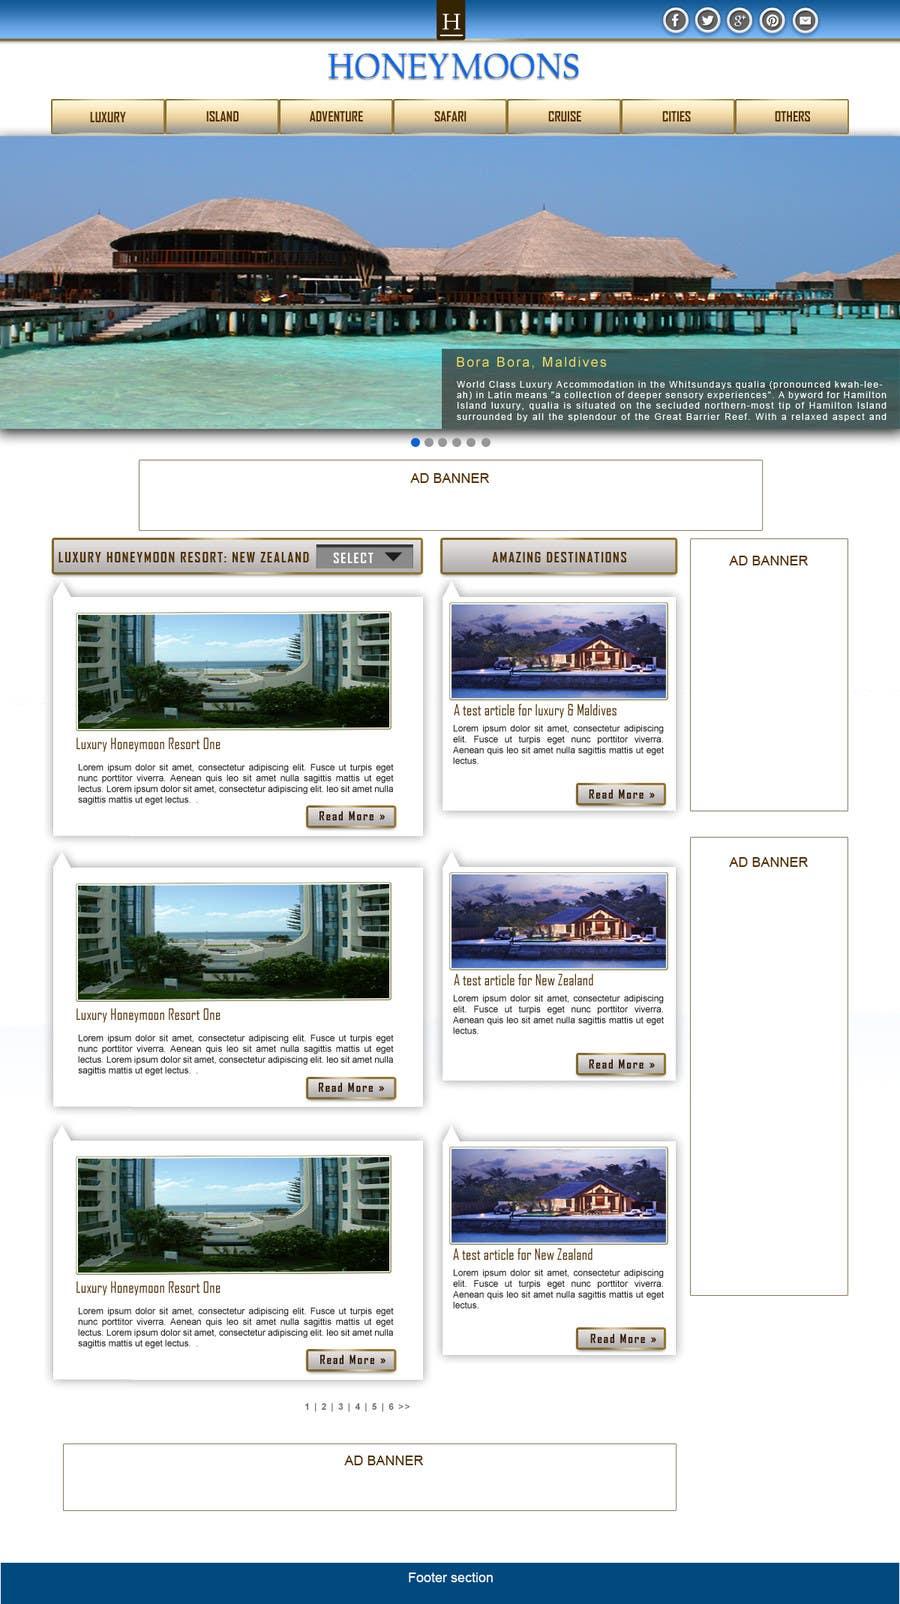 Penyertaan Peraduan #                                        45                                      untuk                                         Website Design for Honeymoons website